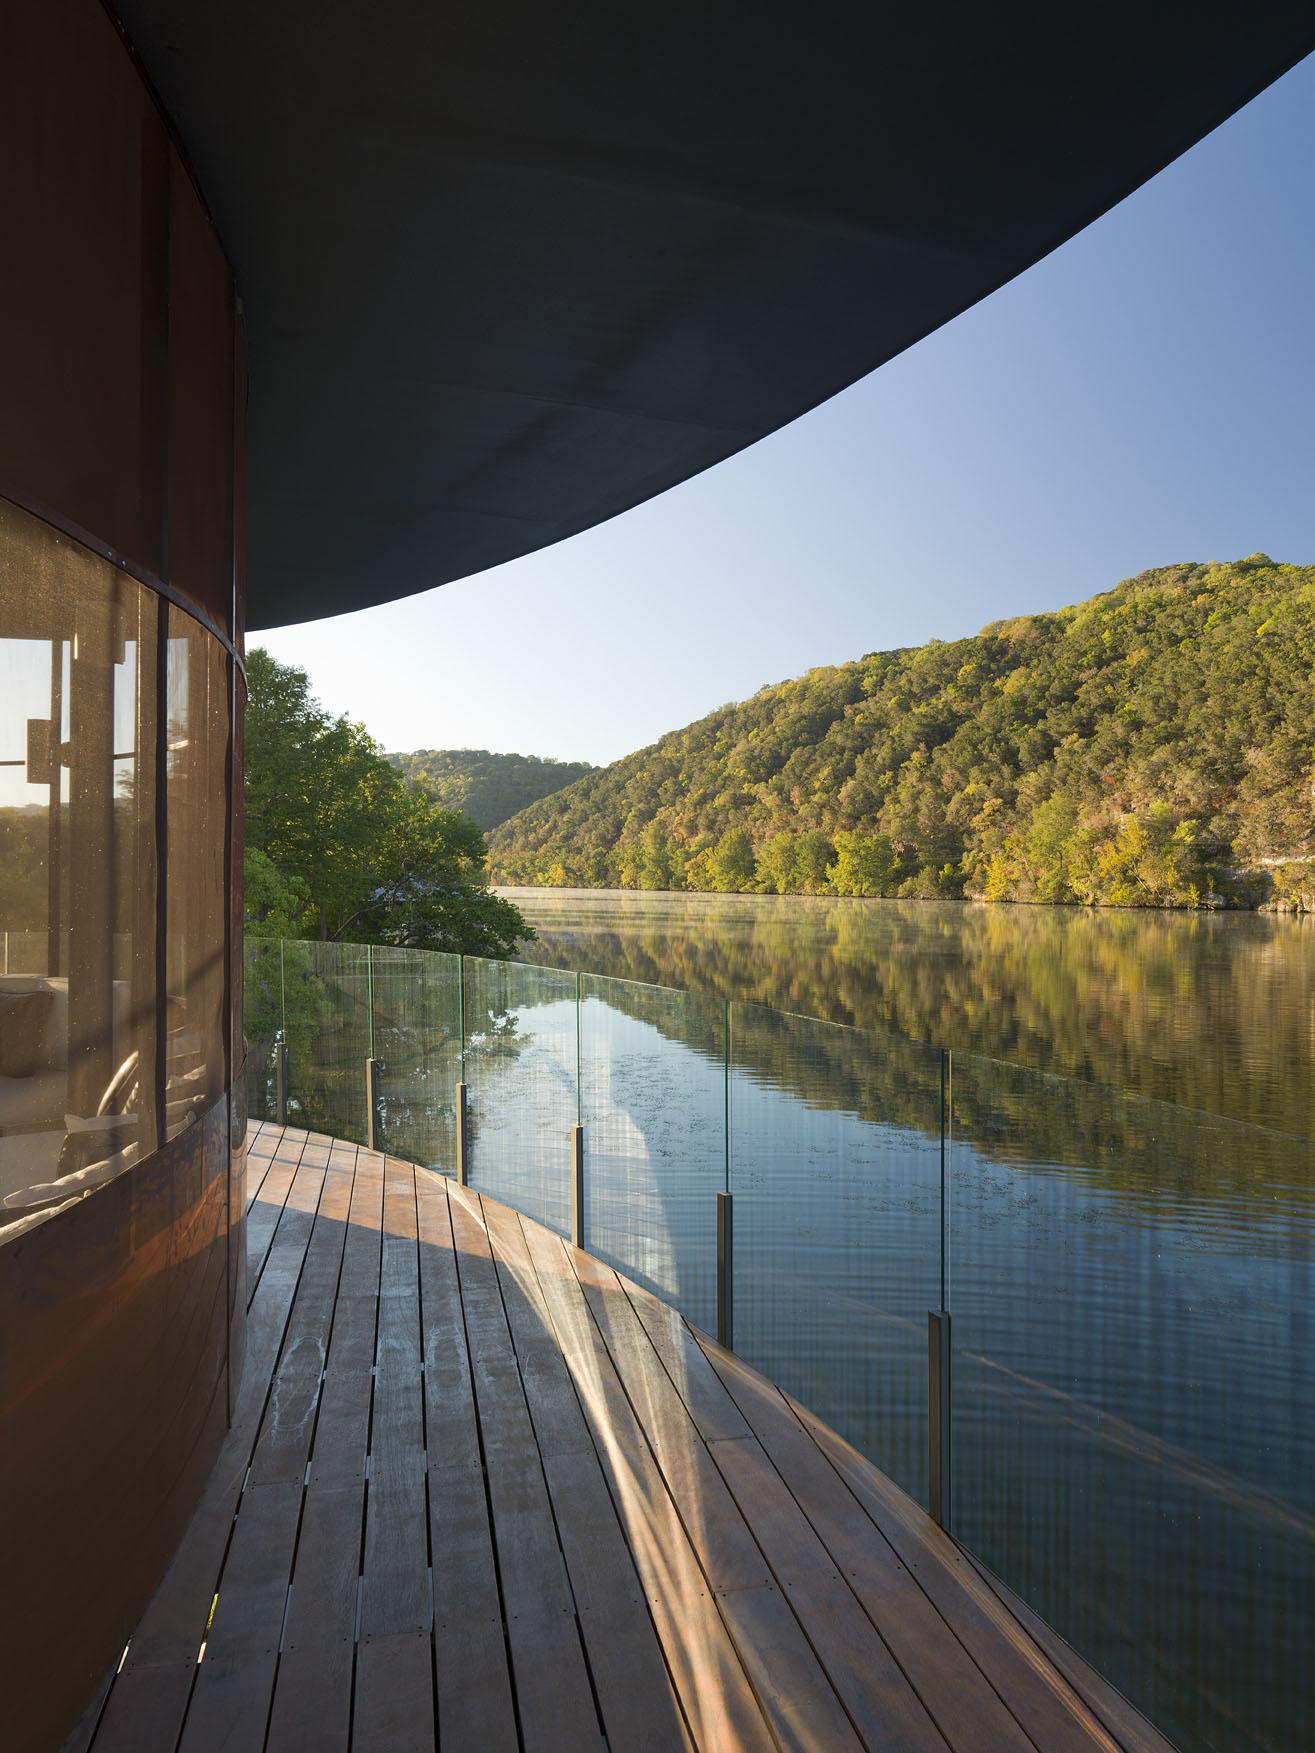 Shore Vista Boat Dock by Bercy Chen Studio | Architecture ... on Backyard:uuezyx-Hy-8= Landscape Design  id=92237